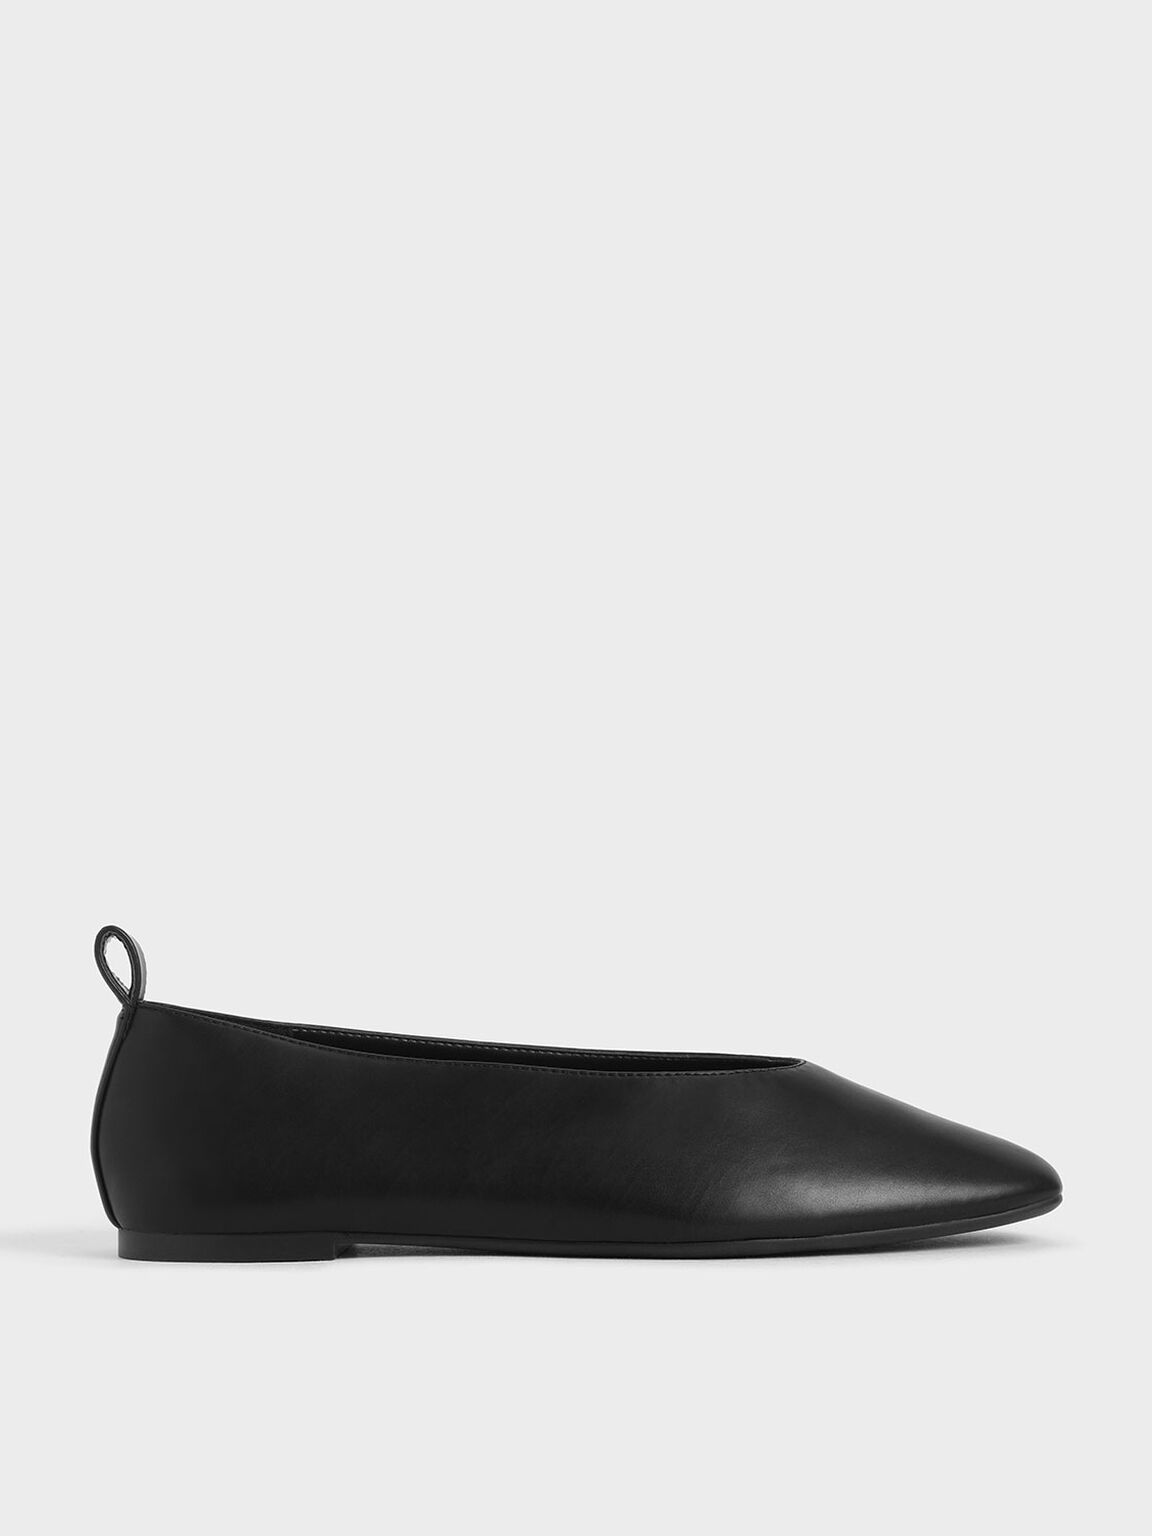 Ballerina Flats, Black, hi-res